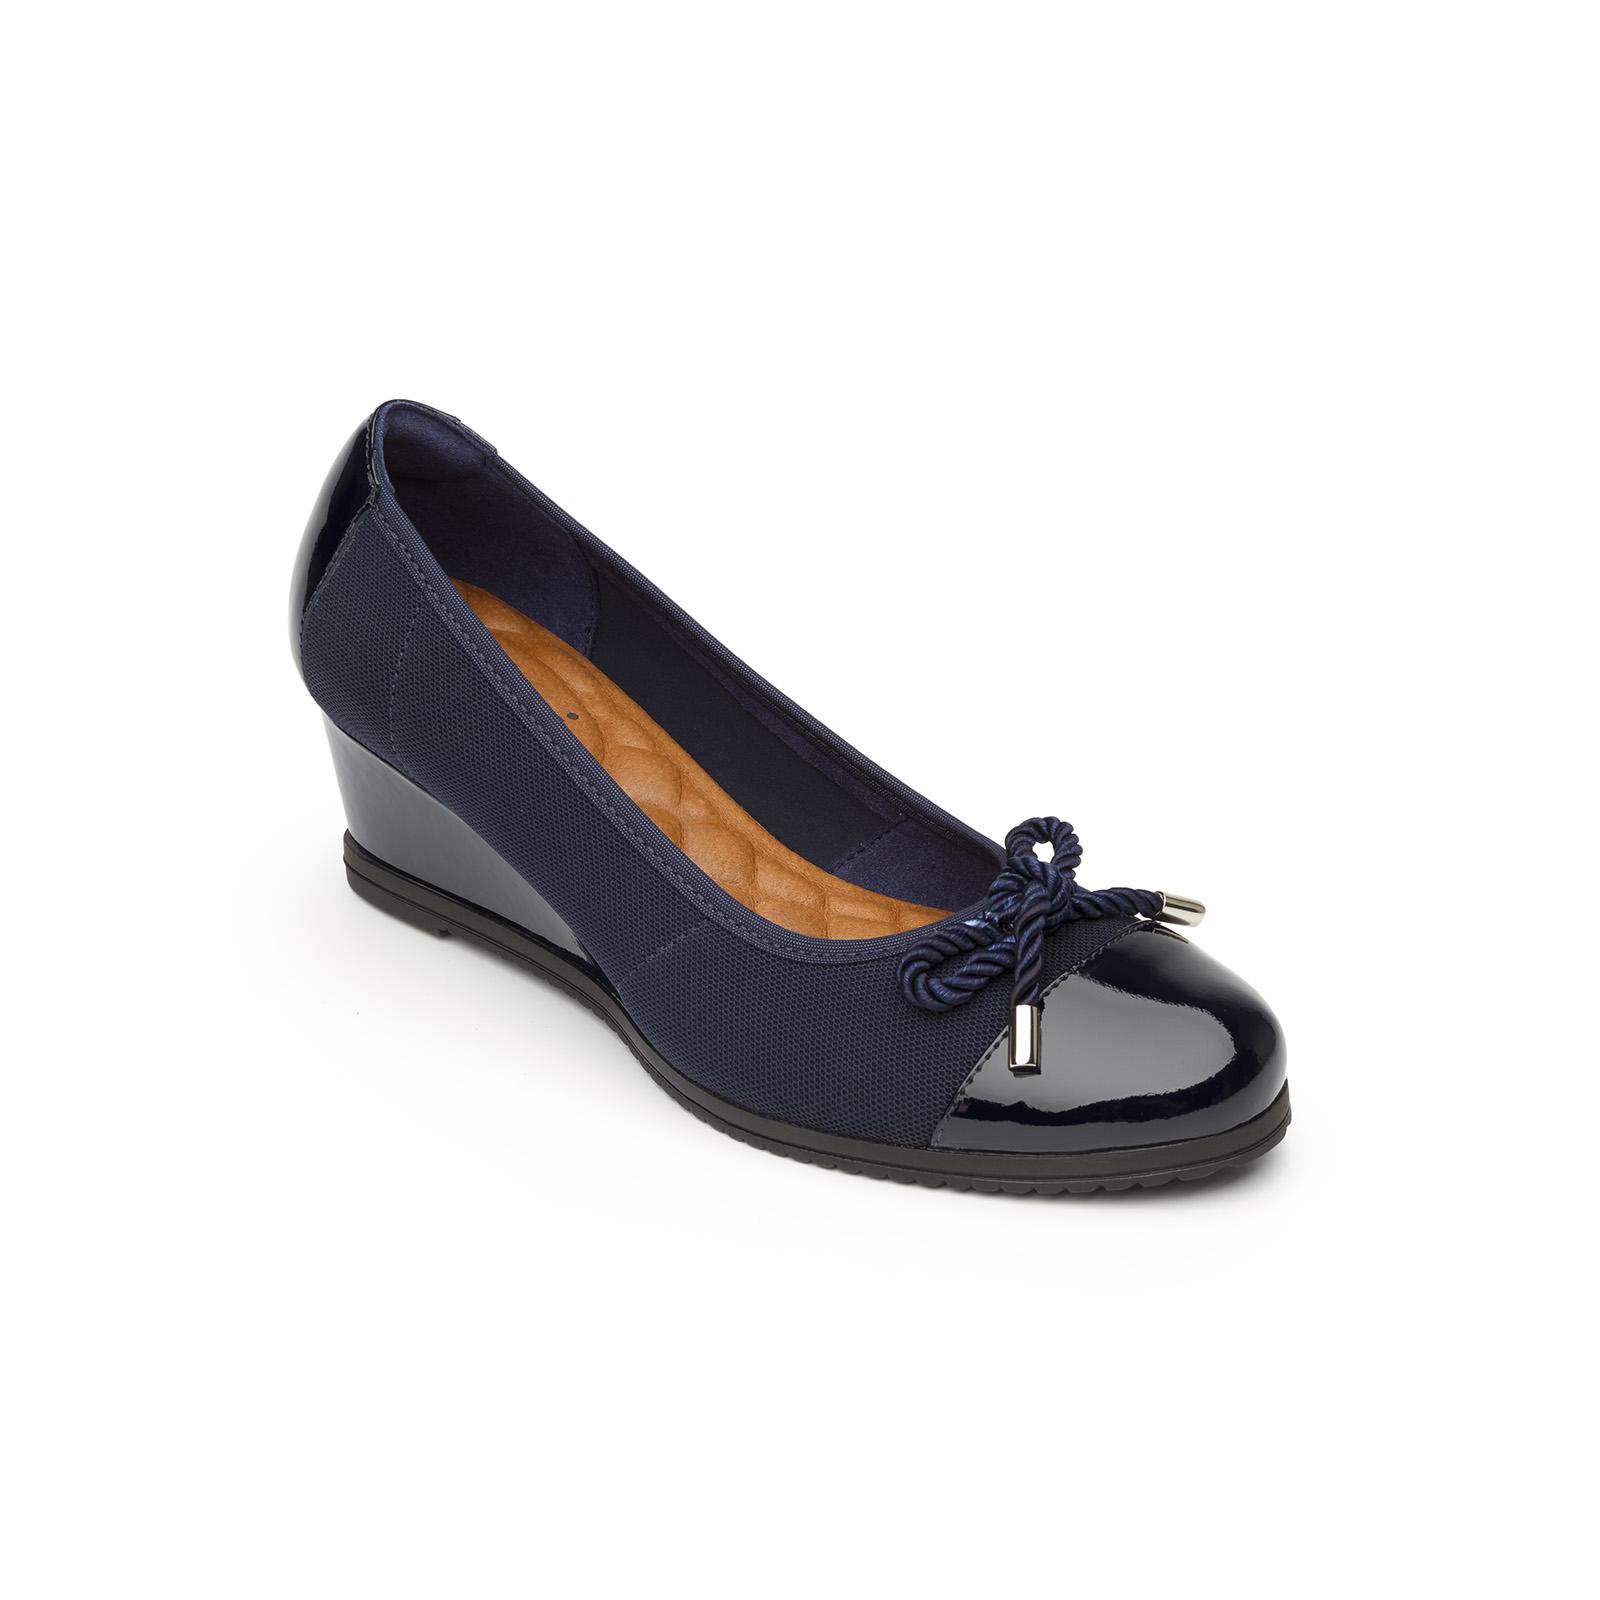 cfd4434f7d8 Zapatos de mujer Flexi ¡Los mejores diseños! - Zapatos Flexi México